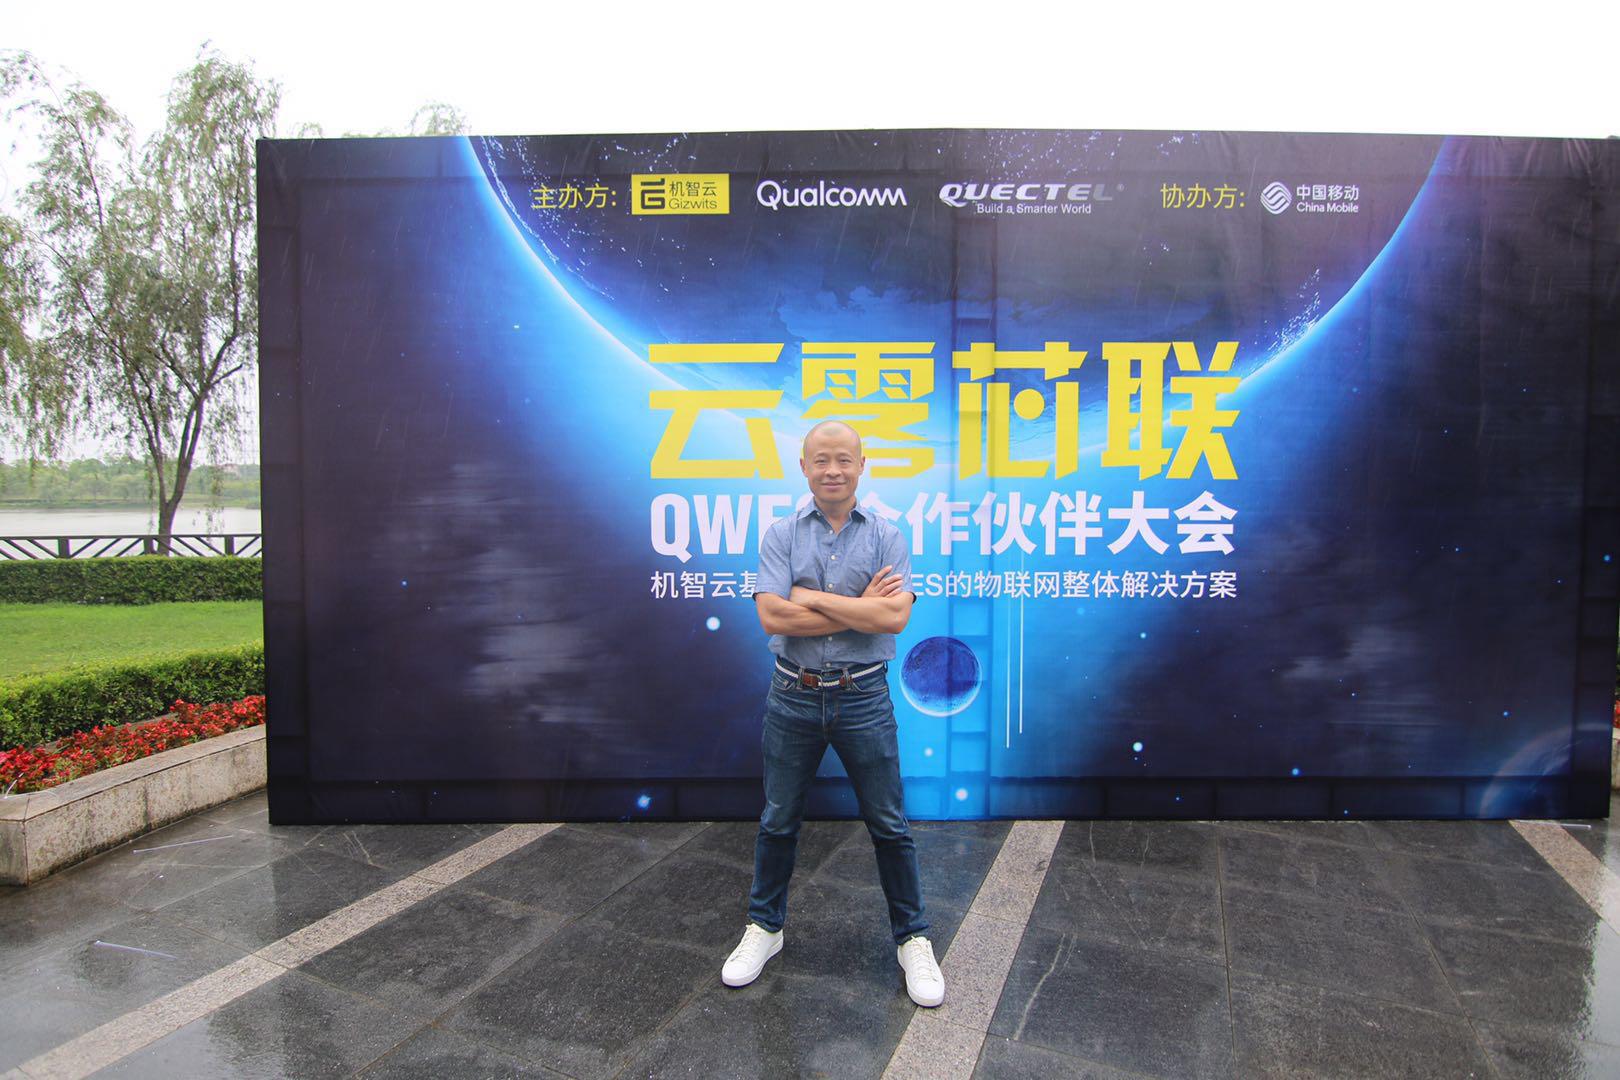 专访机智云CEO黄灼: 击穿IOT解决方案服务最低价 实现运营商、服务商、开发者三方共赢